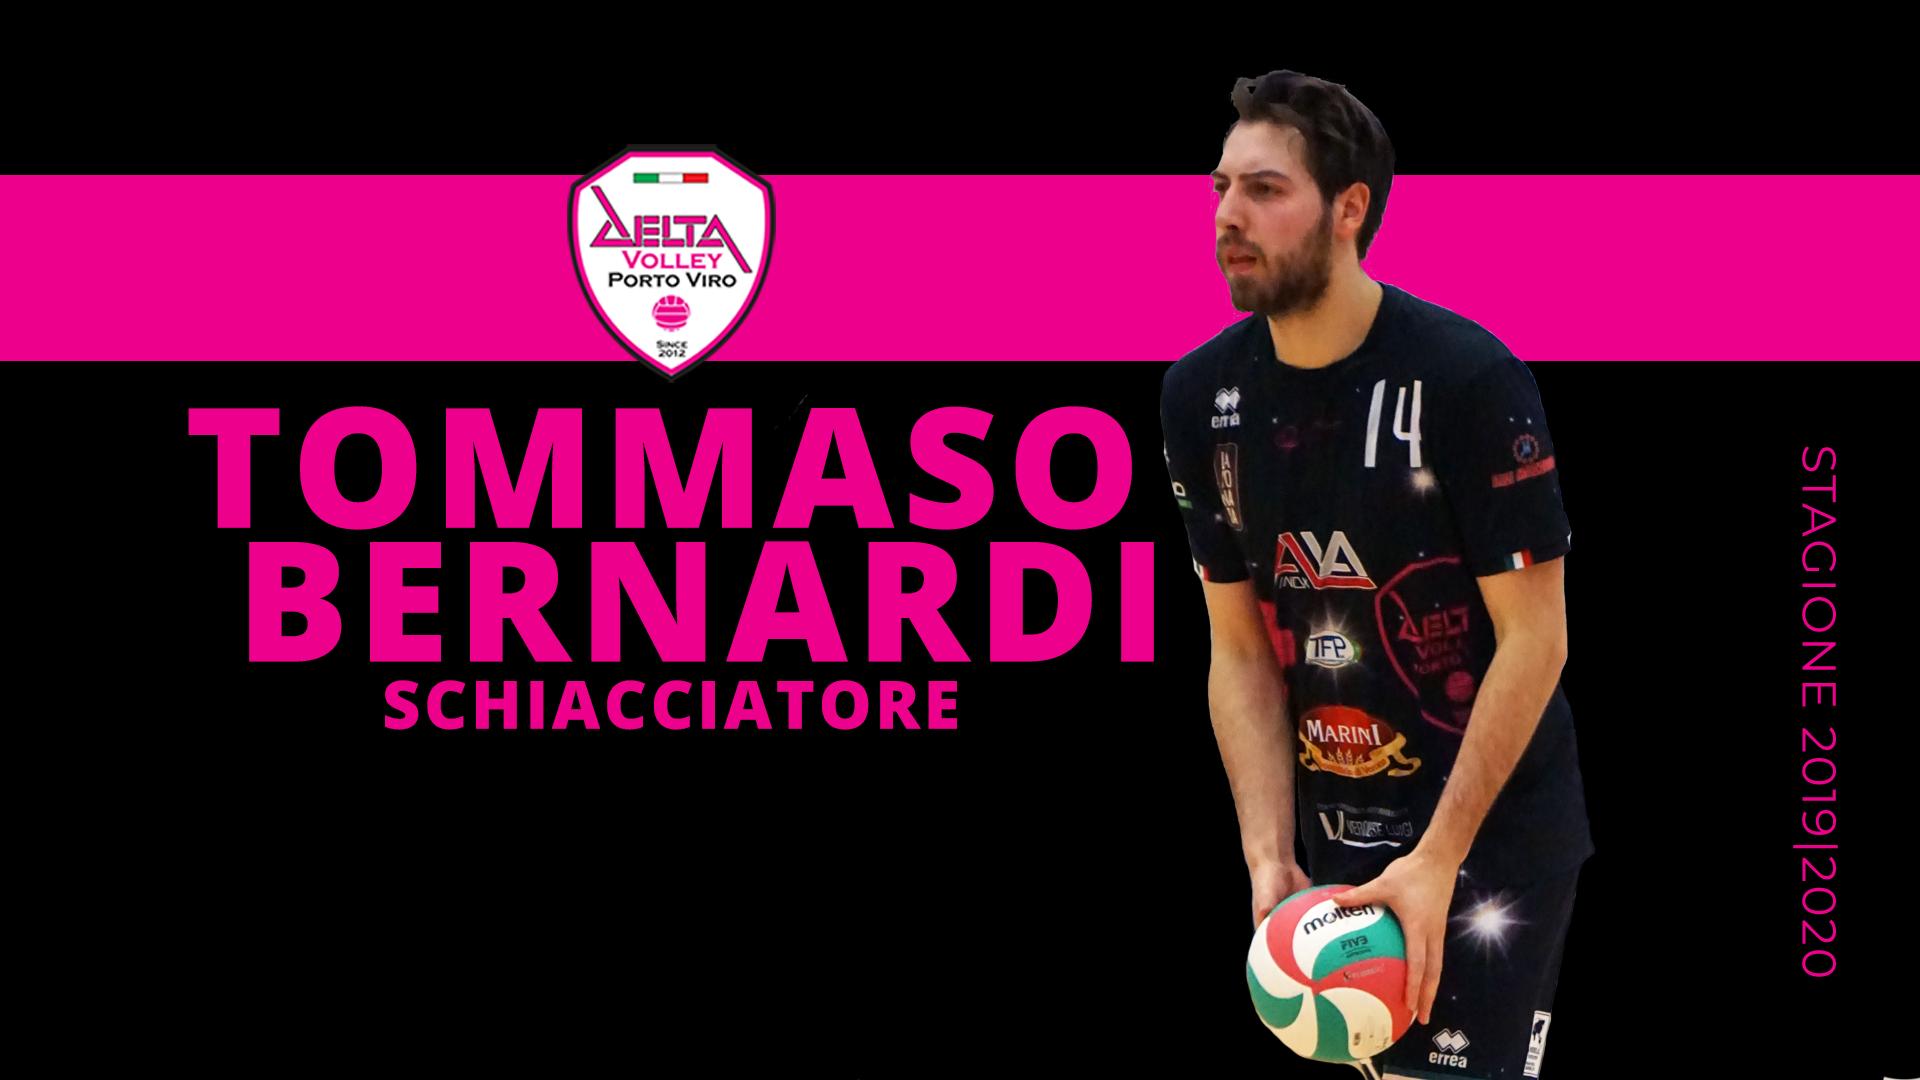 Tommaso Bernardi